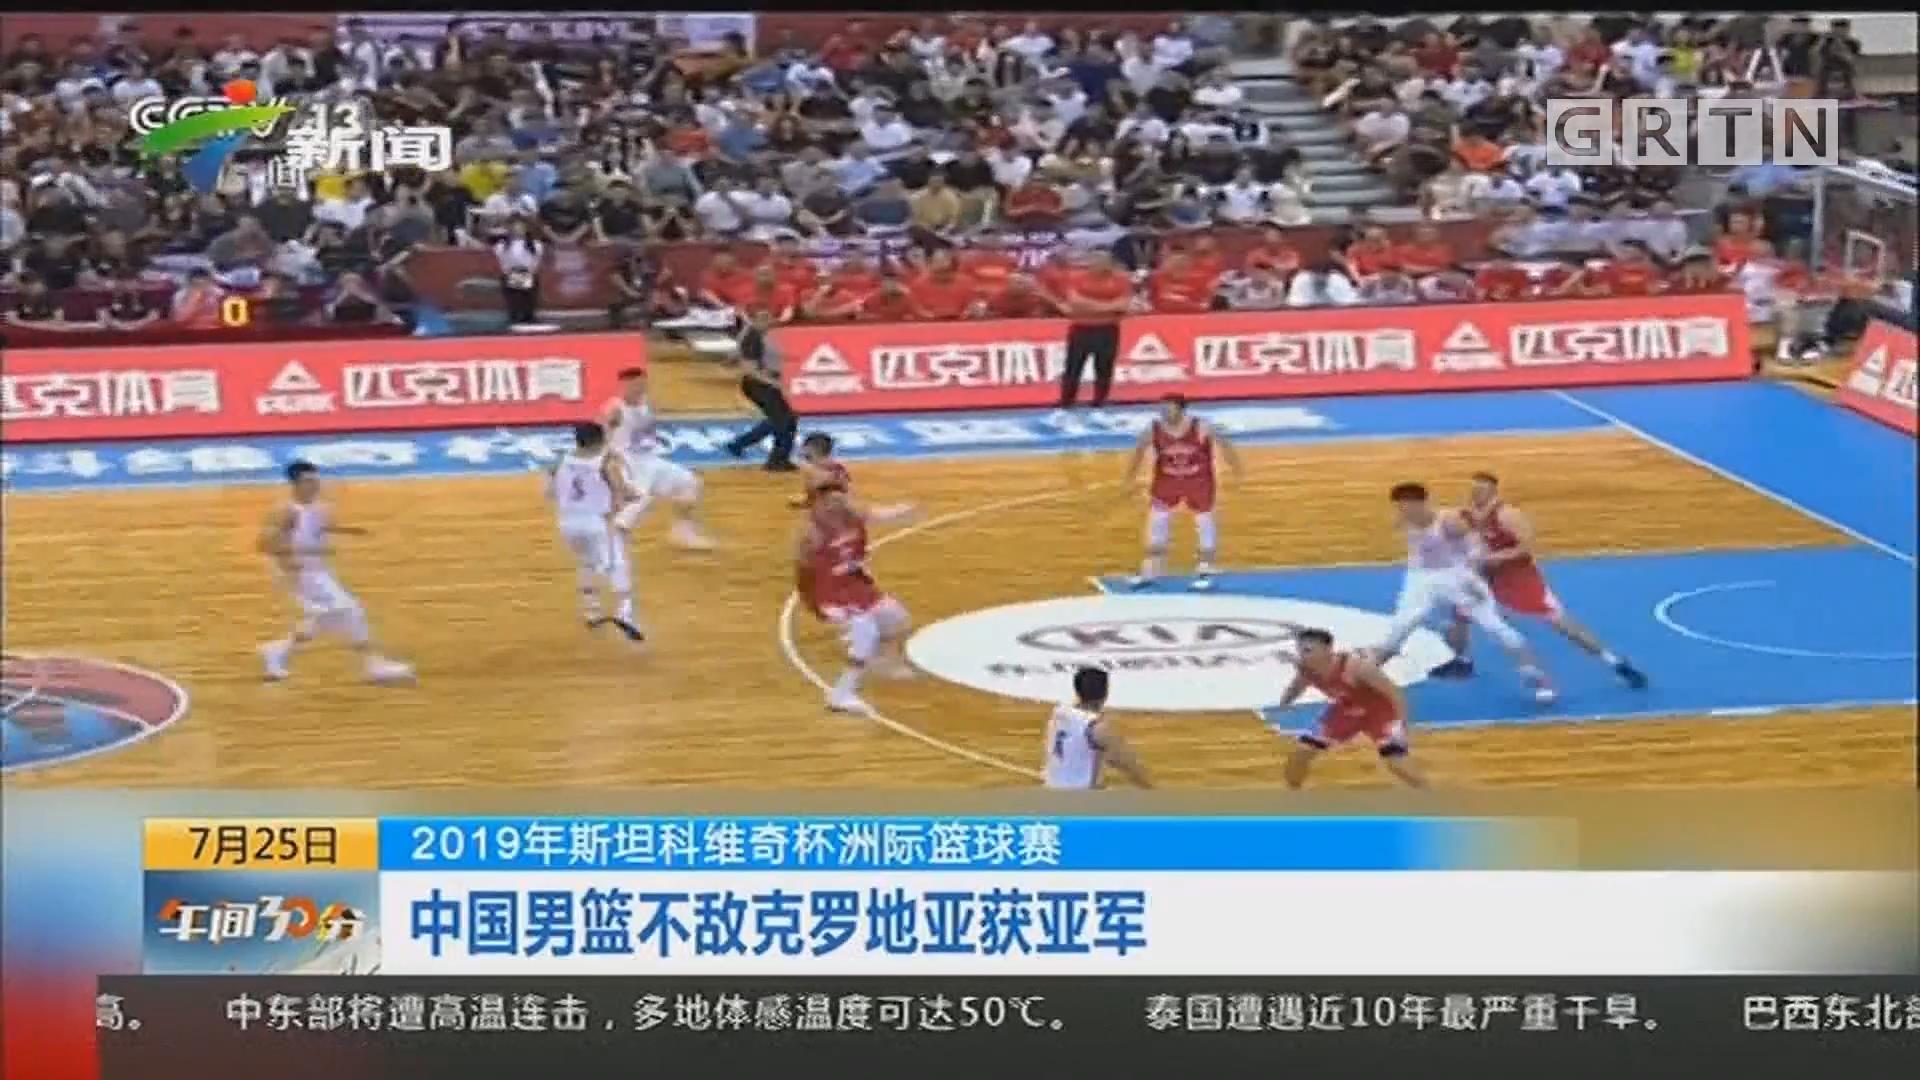 2019年斯坦科维奇杯洲际篮球赛:中国男篮不敌克罗地亚获亚军